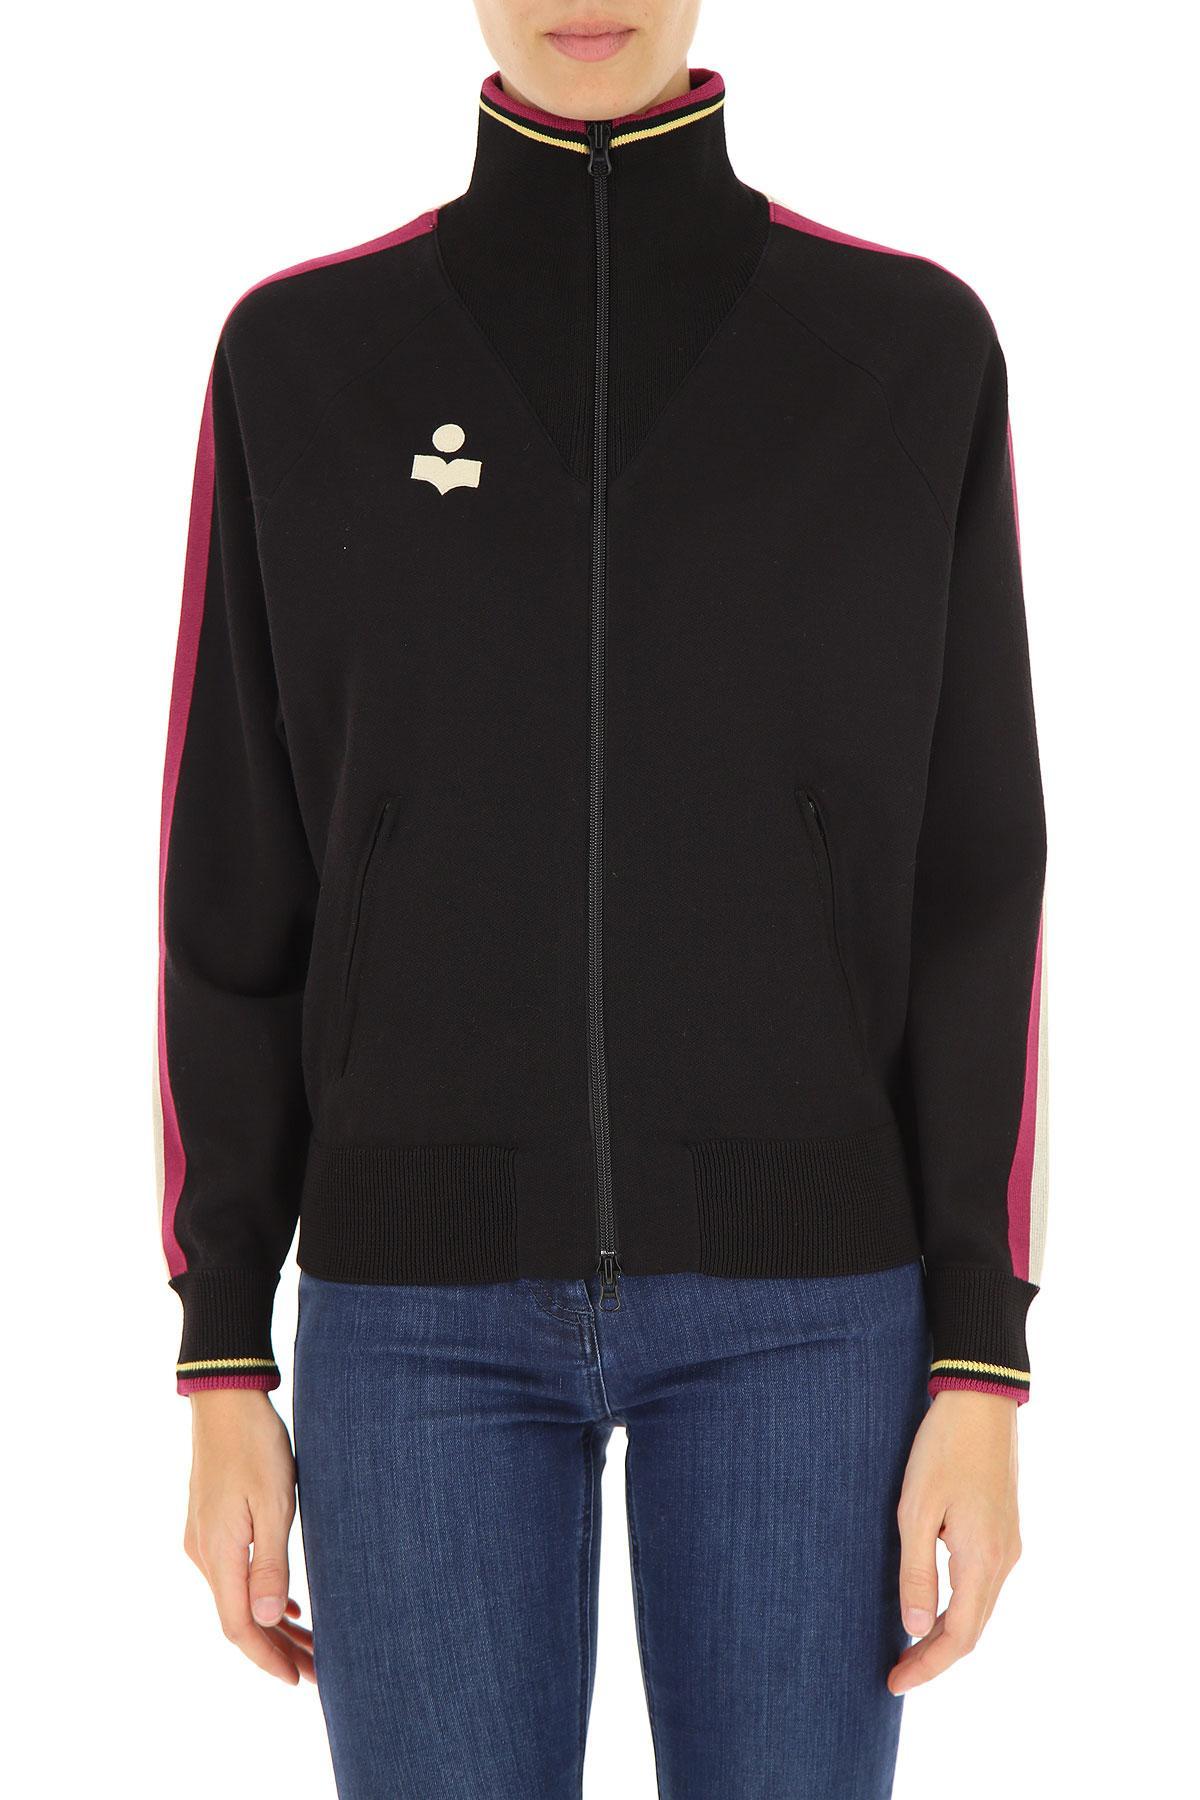 Sweatshirt for Women Synthétique Isabel Marant en coloris Noir